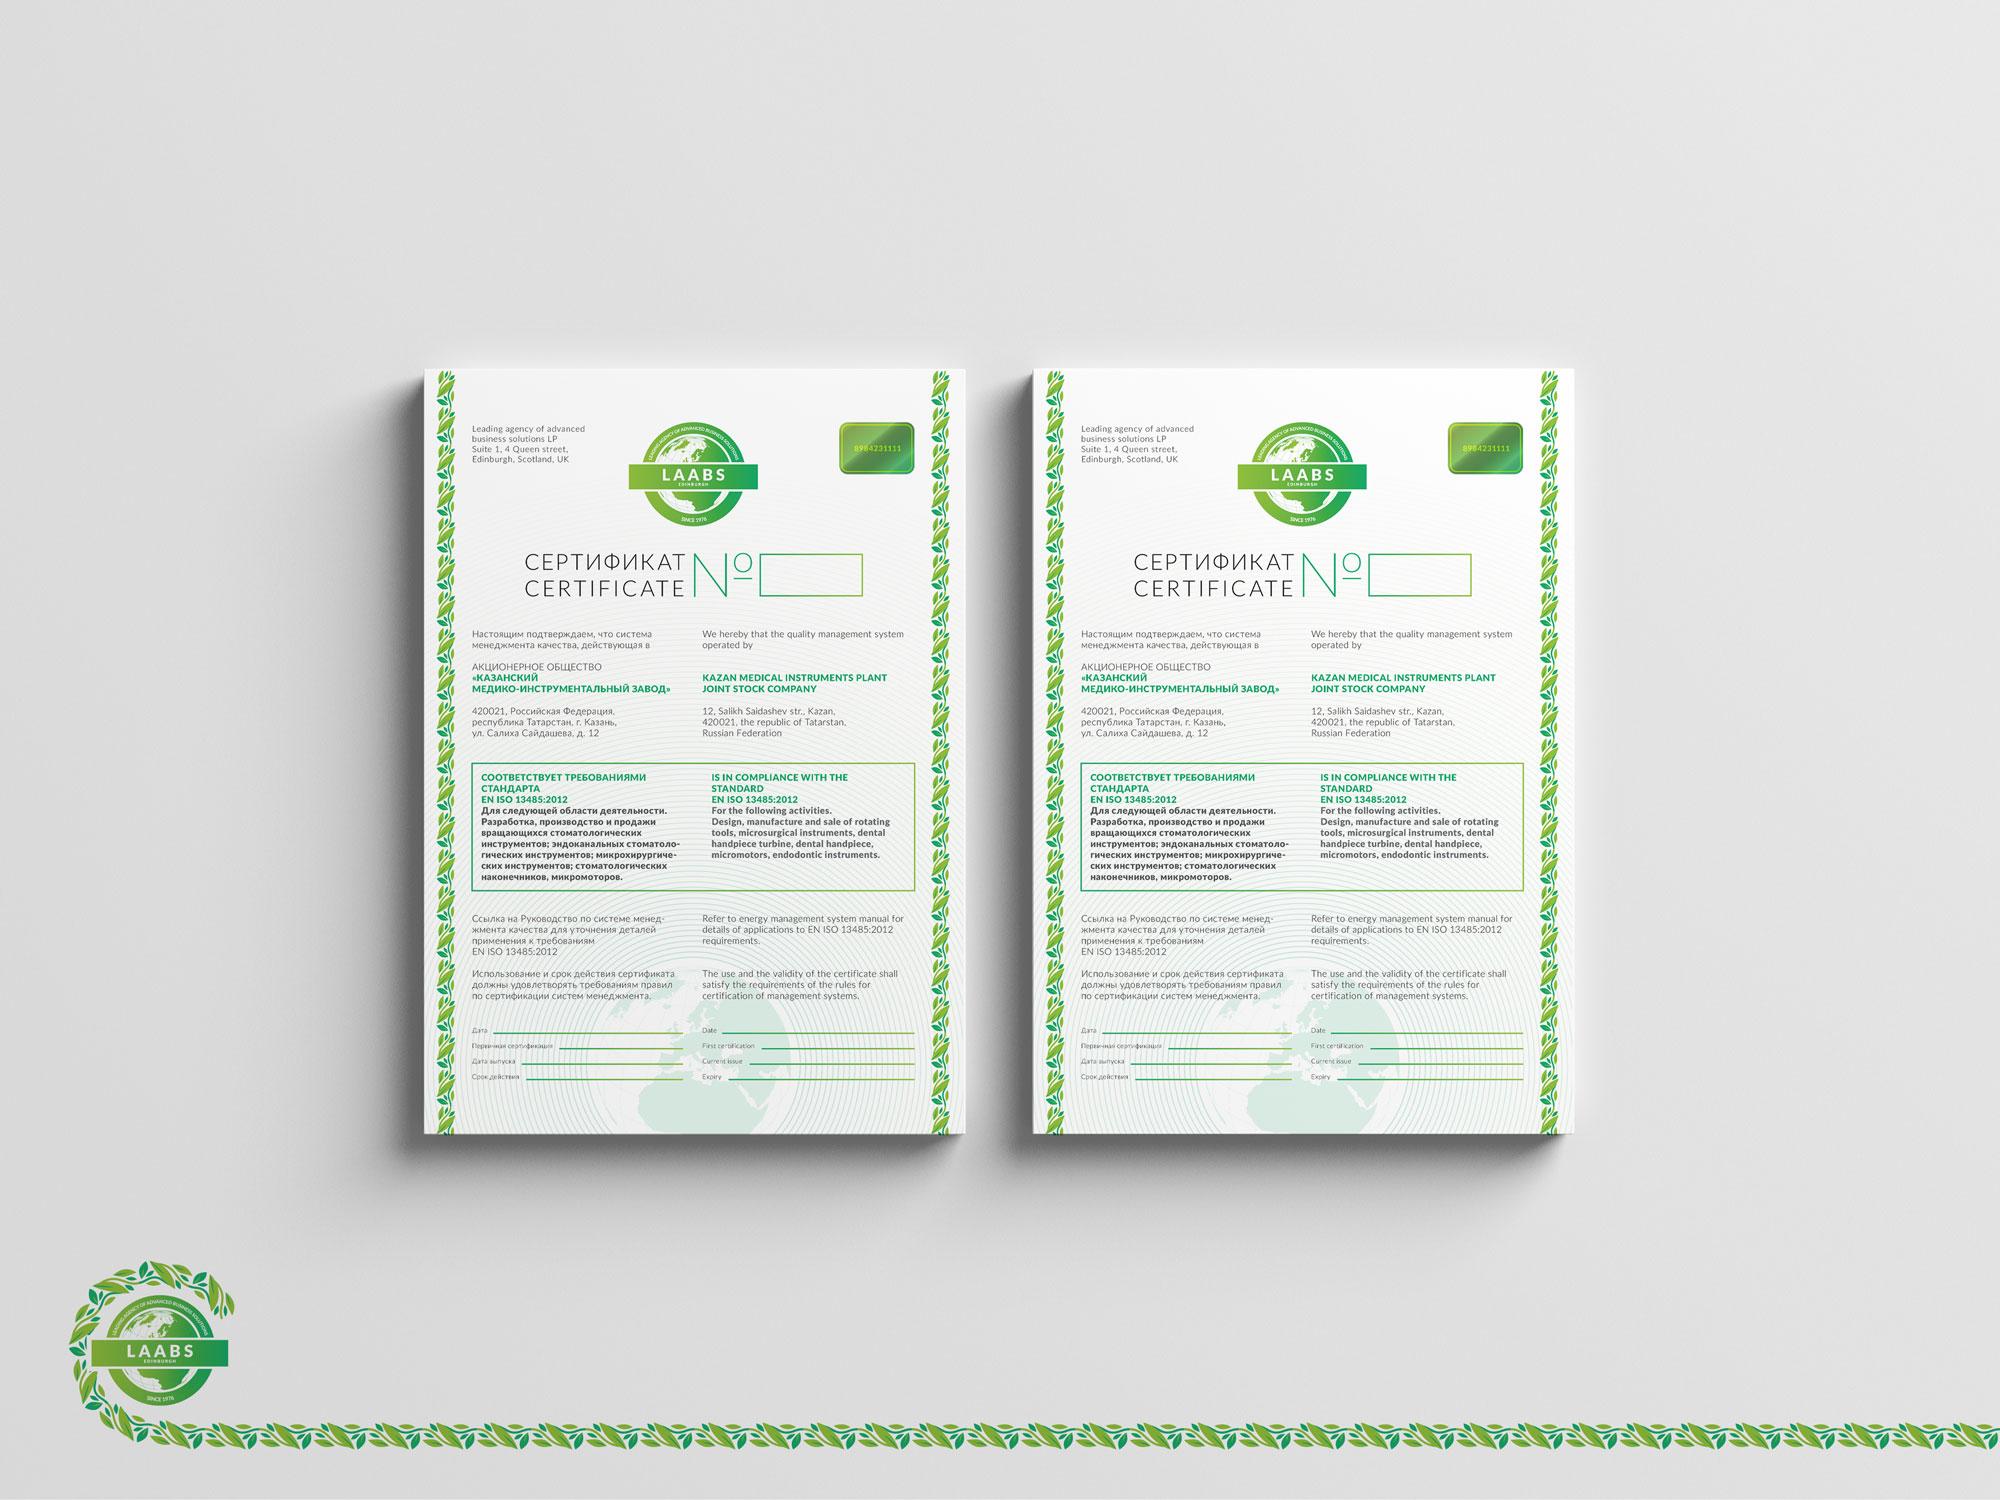 Необходимо разработать дизайн 3 сертификатов фото f_1225885dfe8d01ee.jpg